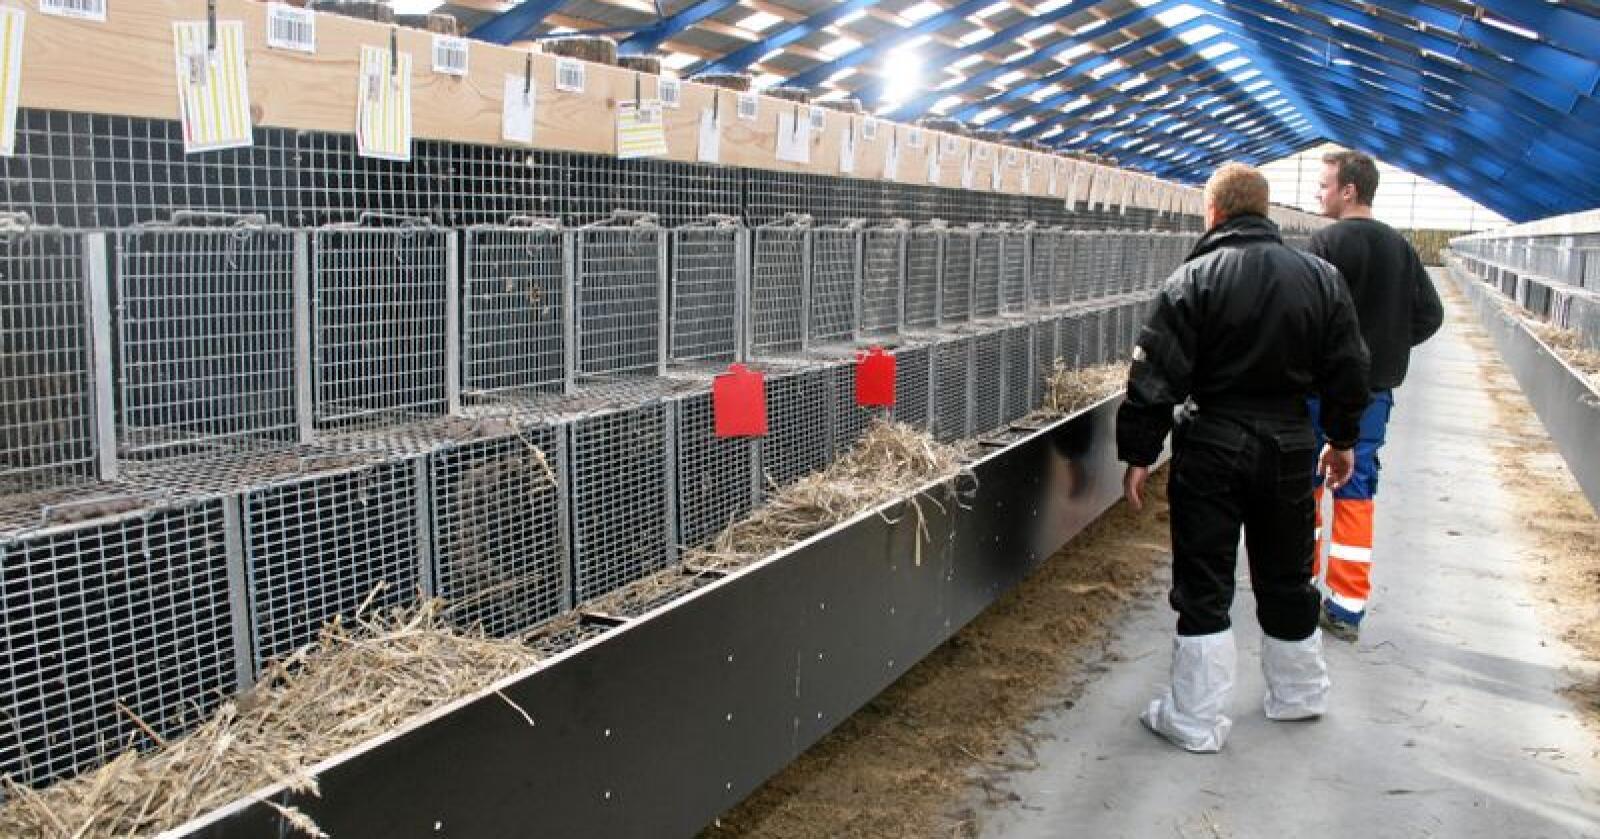 Kompetanse: Tilsyn med dyrehald kan bli utført av inspektørar utan spesifikk fagkompentanse stadfestar Mattilsynet. Dyrevernnemnder kan også reise på inspeksjonar åleine. Illustrasjonsfoto: Bjarne Bekkeheien Aase